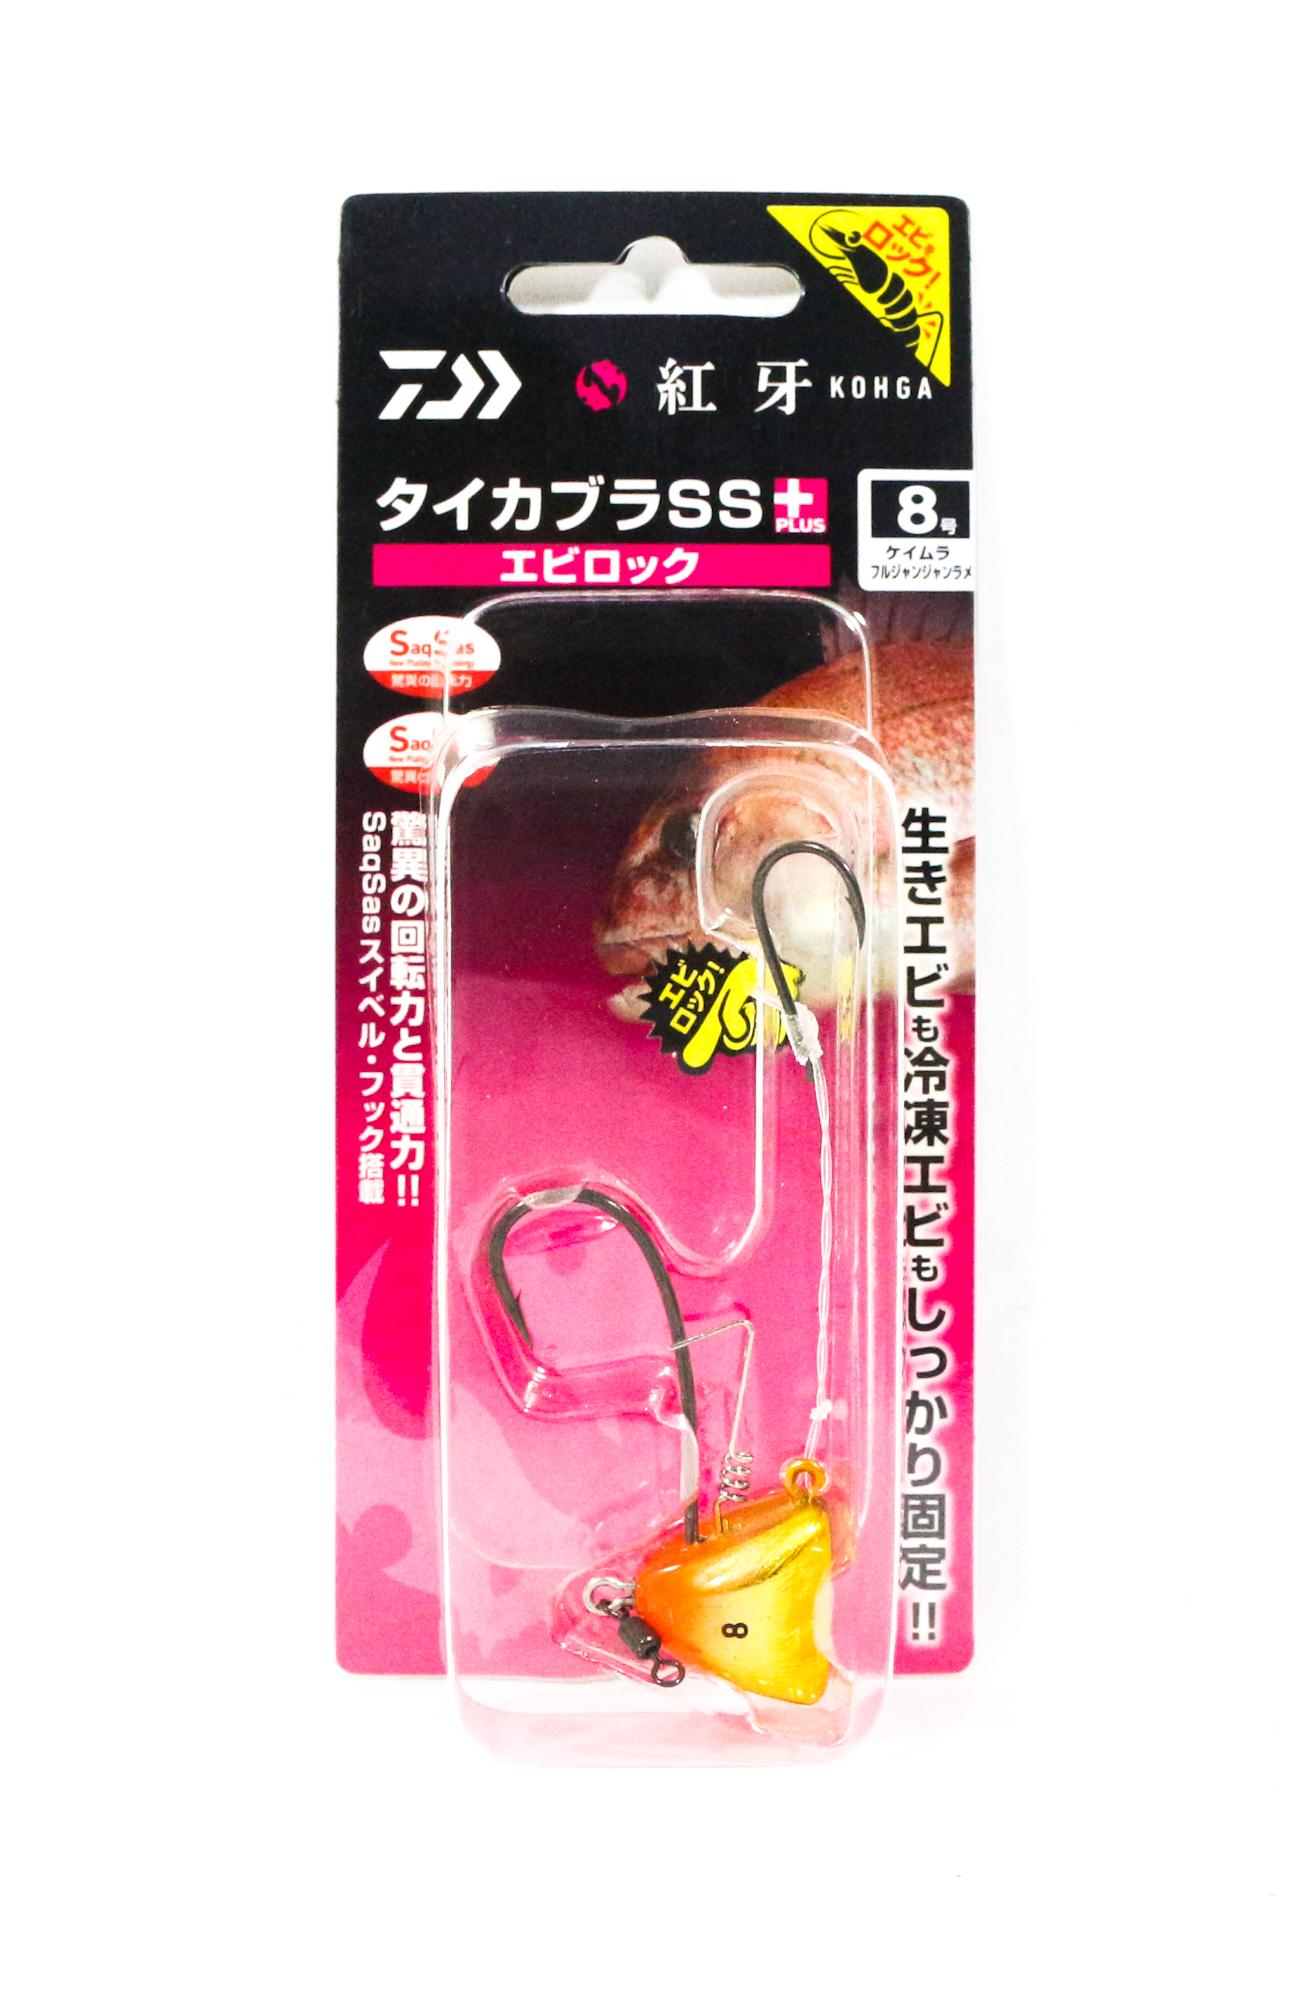 Daiwa Kabura SS+ Tenya Jig Size 8 UV Orange/GD 003127